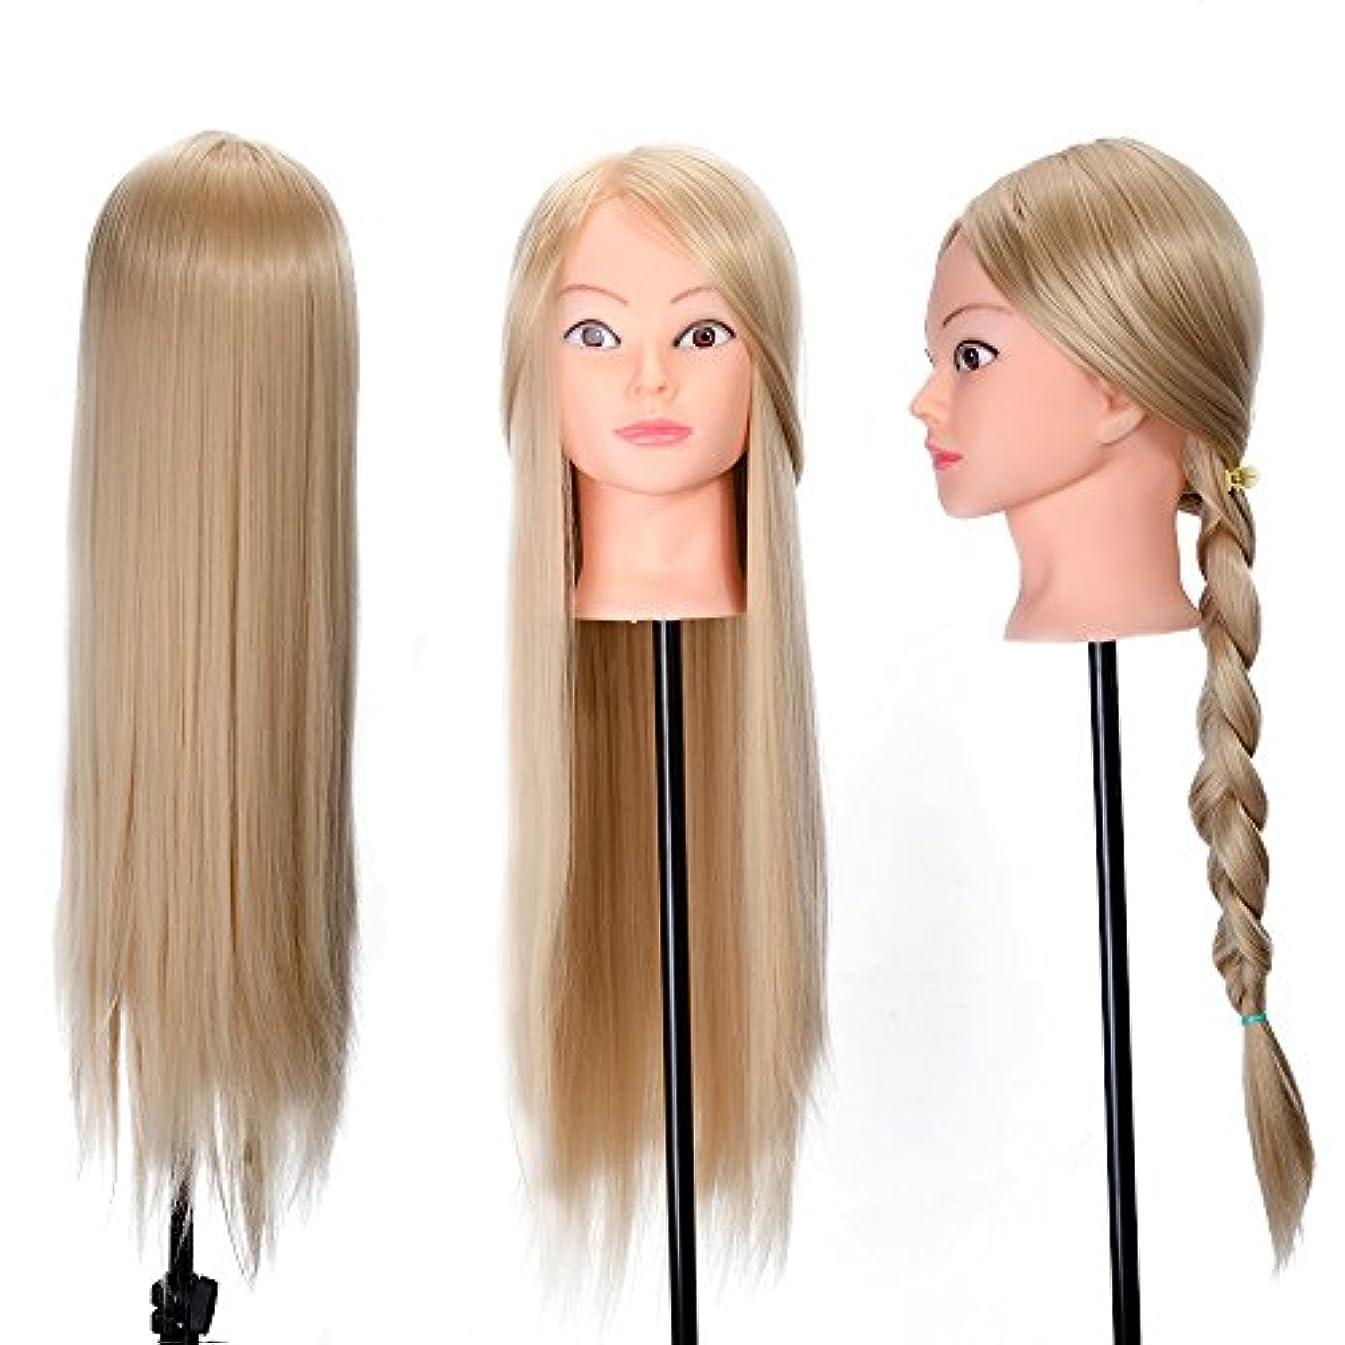 ベルト電気陽性寛容な26インチトレーニングヘッドヘア編組モデルヘアスタイル人形でテーブルクランプサロンスタイリングデザインマネキンダミーヘッド